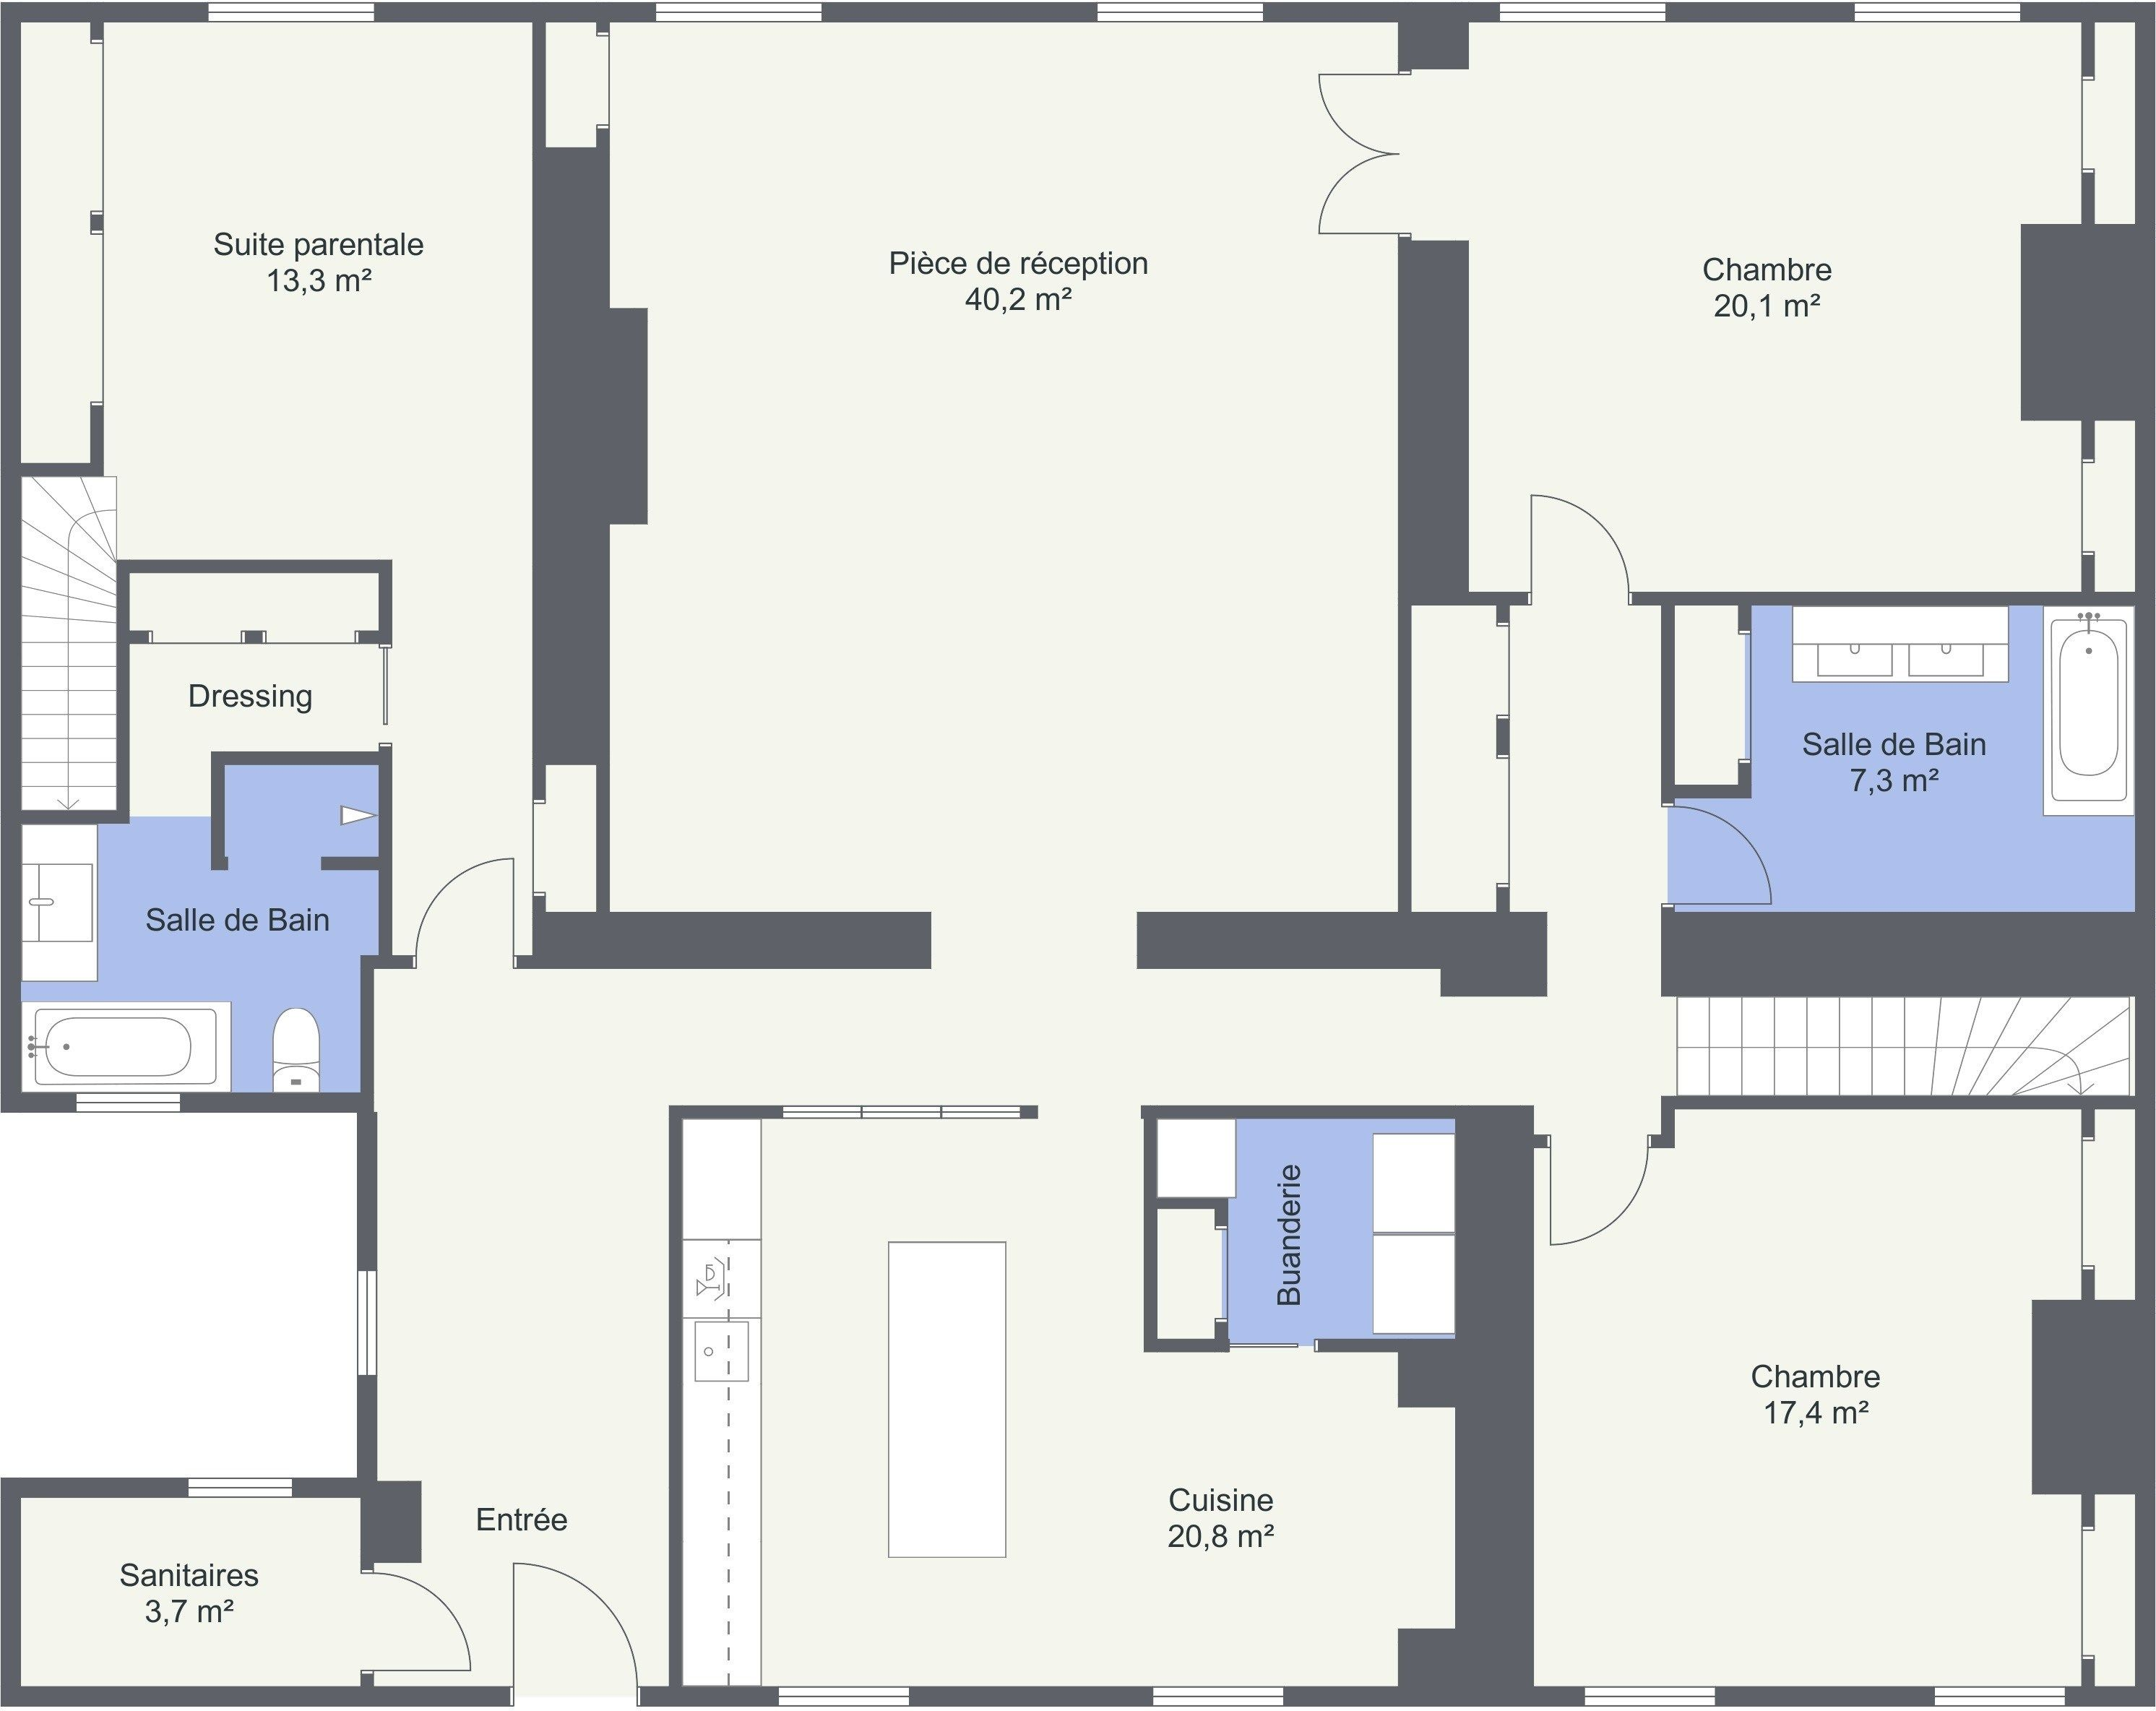 Best Of Plan Chambre Parentale 20m2 Chambres Parentales Chambre